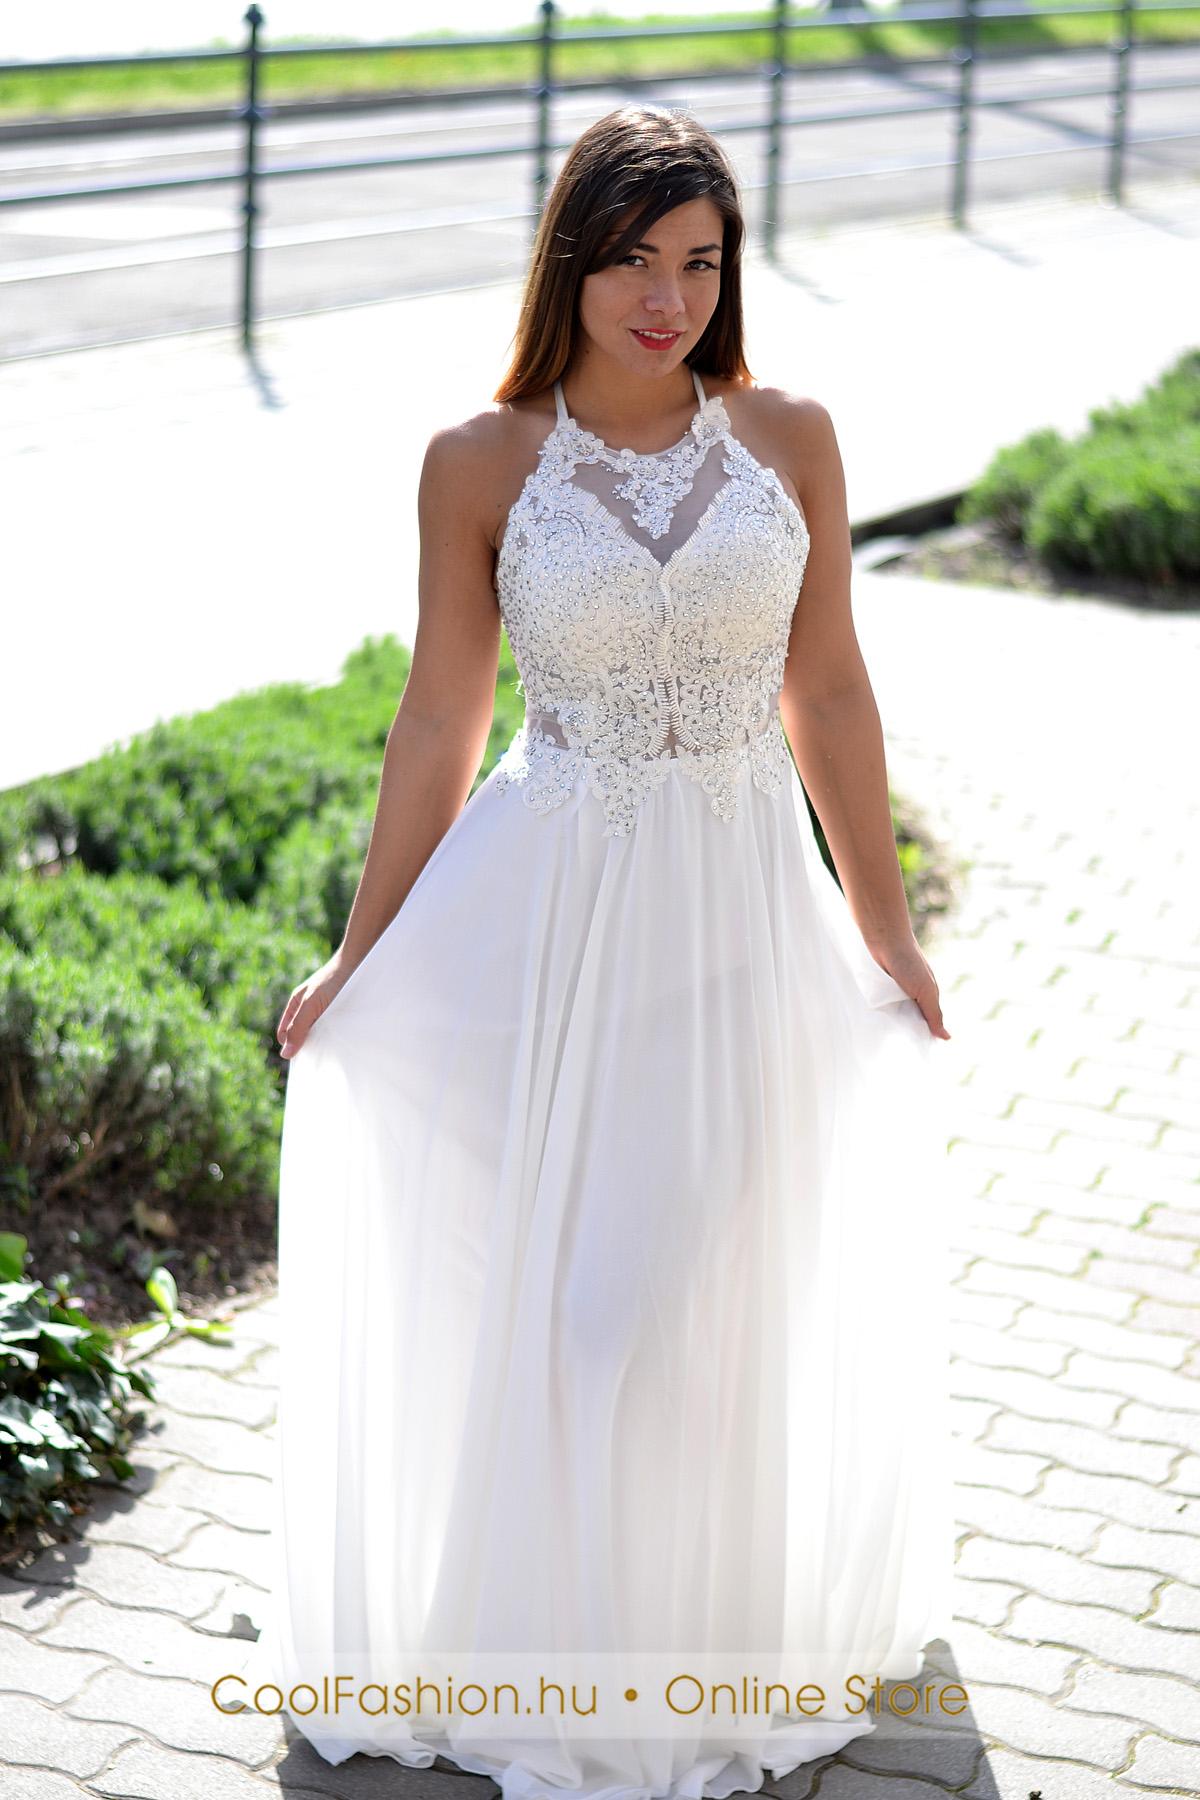 Köves hímzett fehér maxi ruha - Cool Fashion 09be7baee3